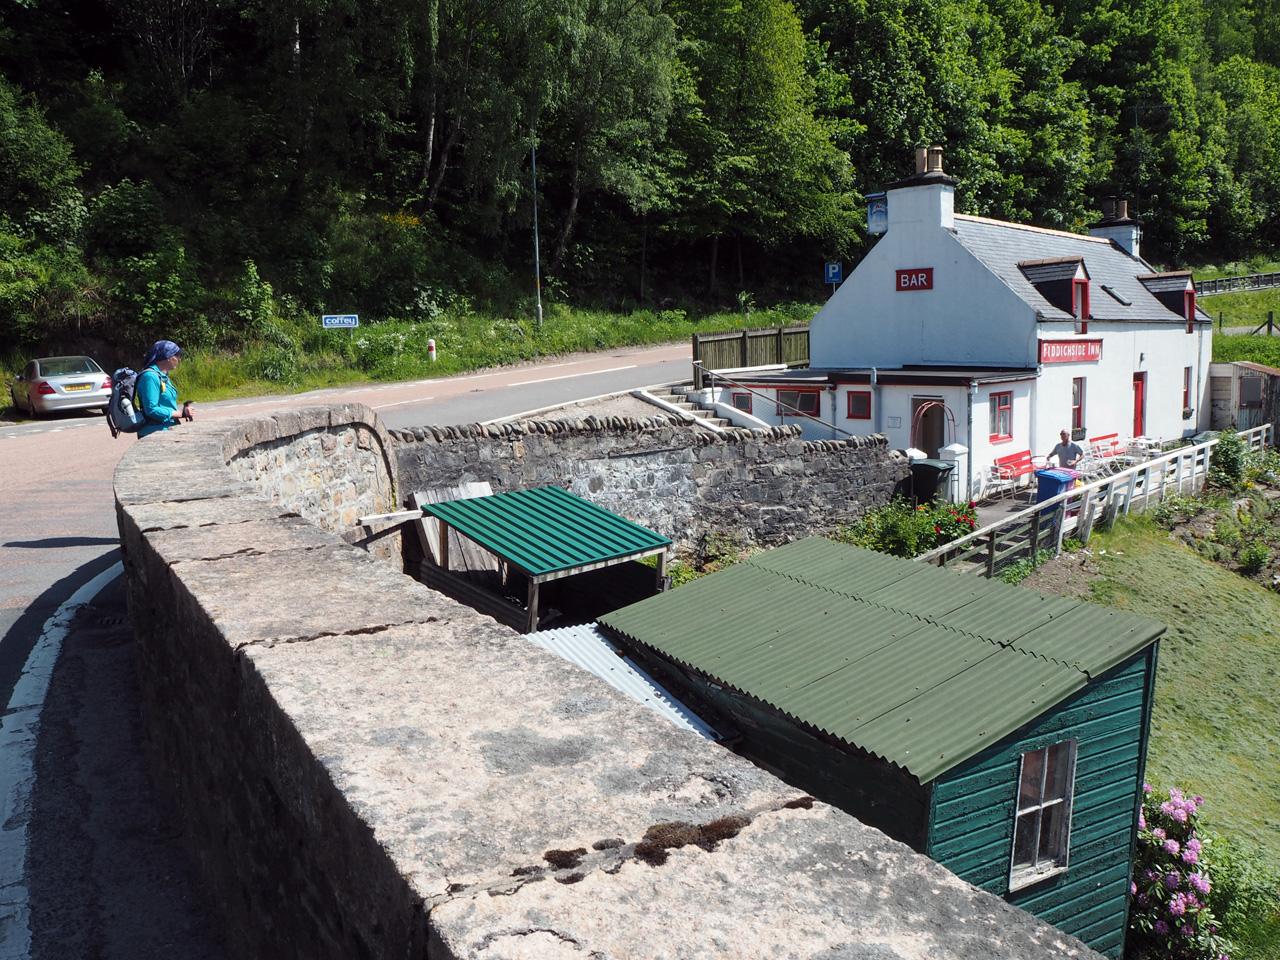 de oude plaatselijke pub van Craigellachie